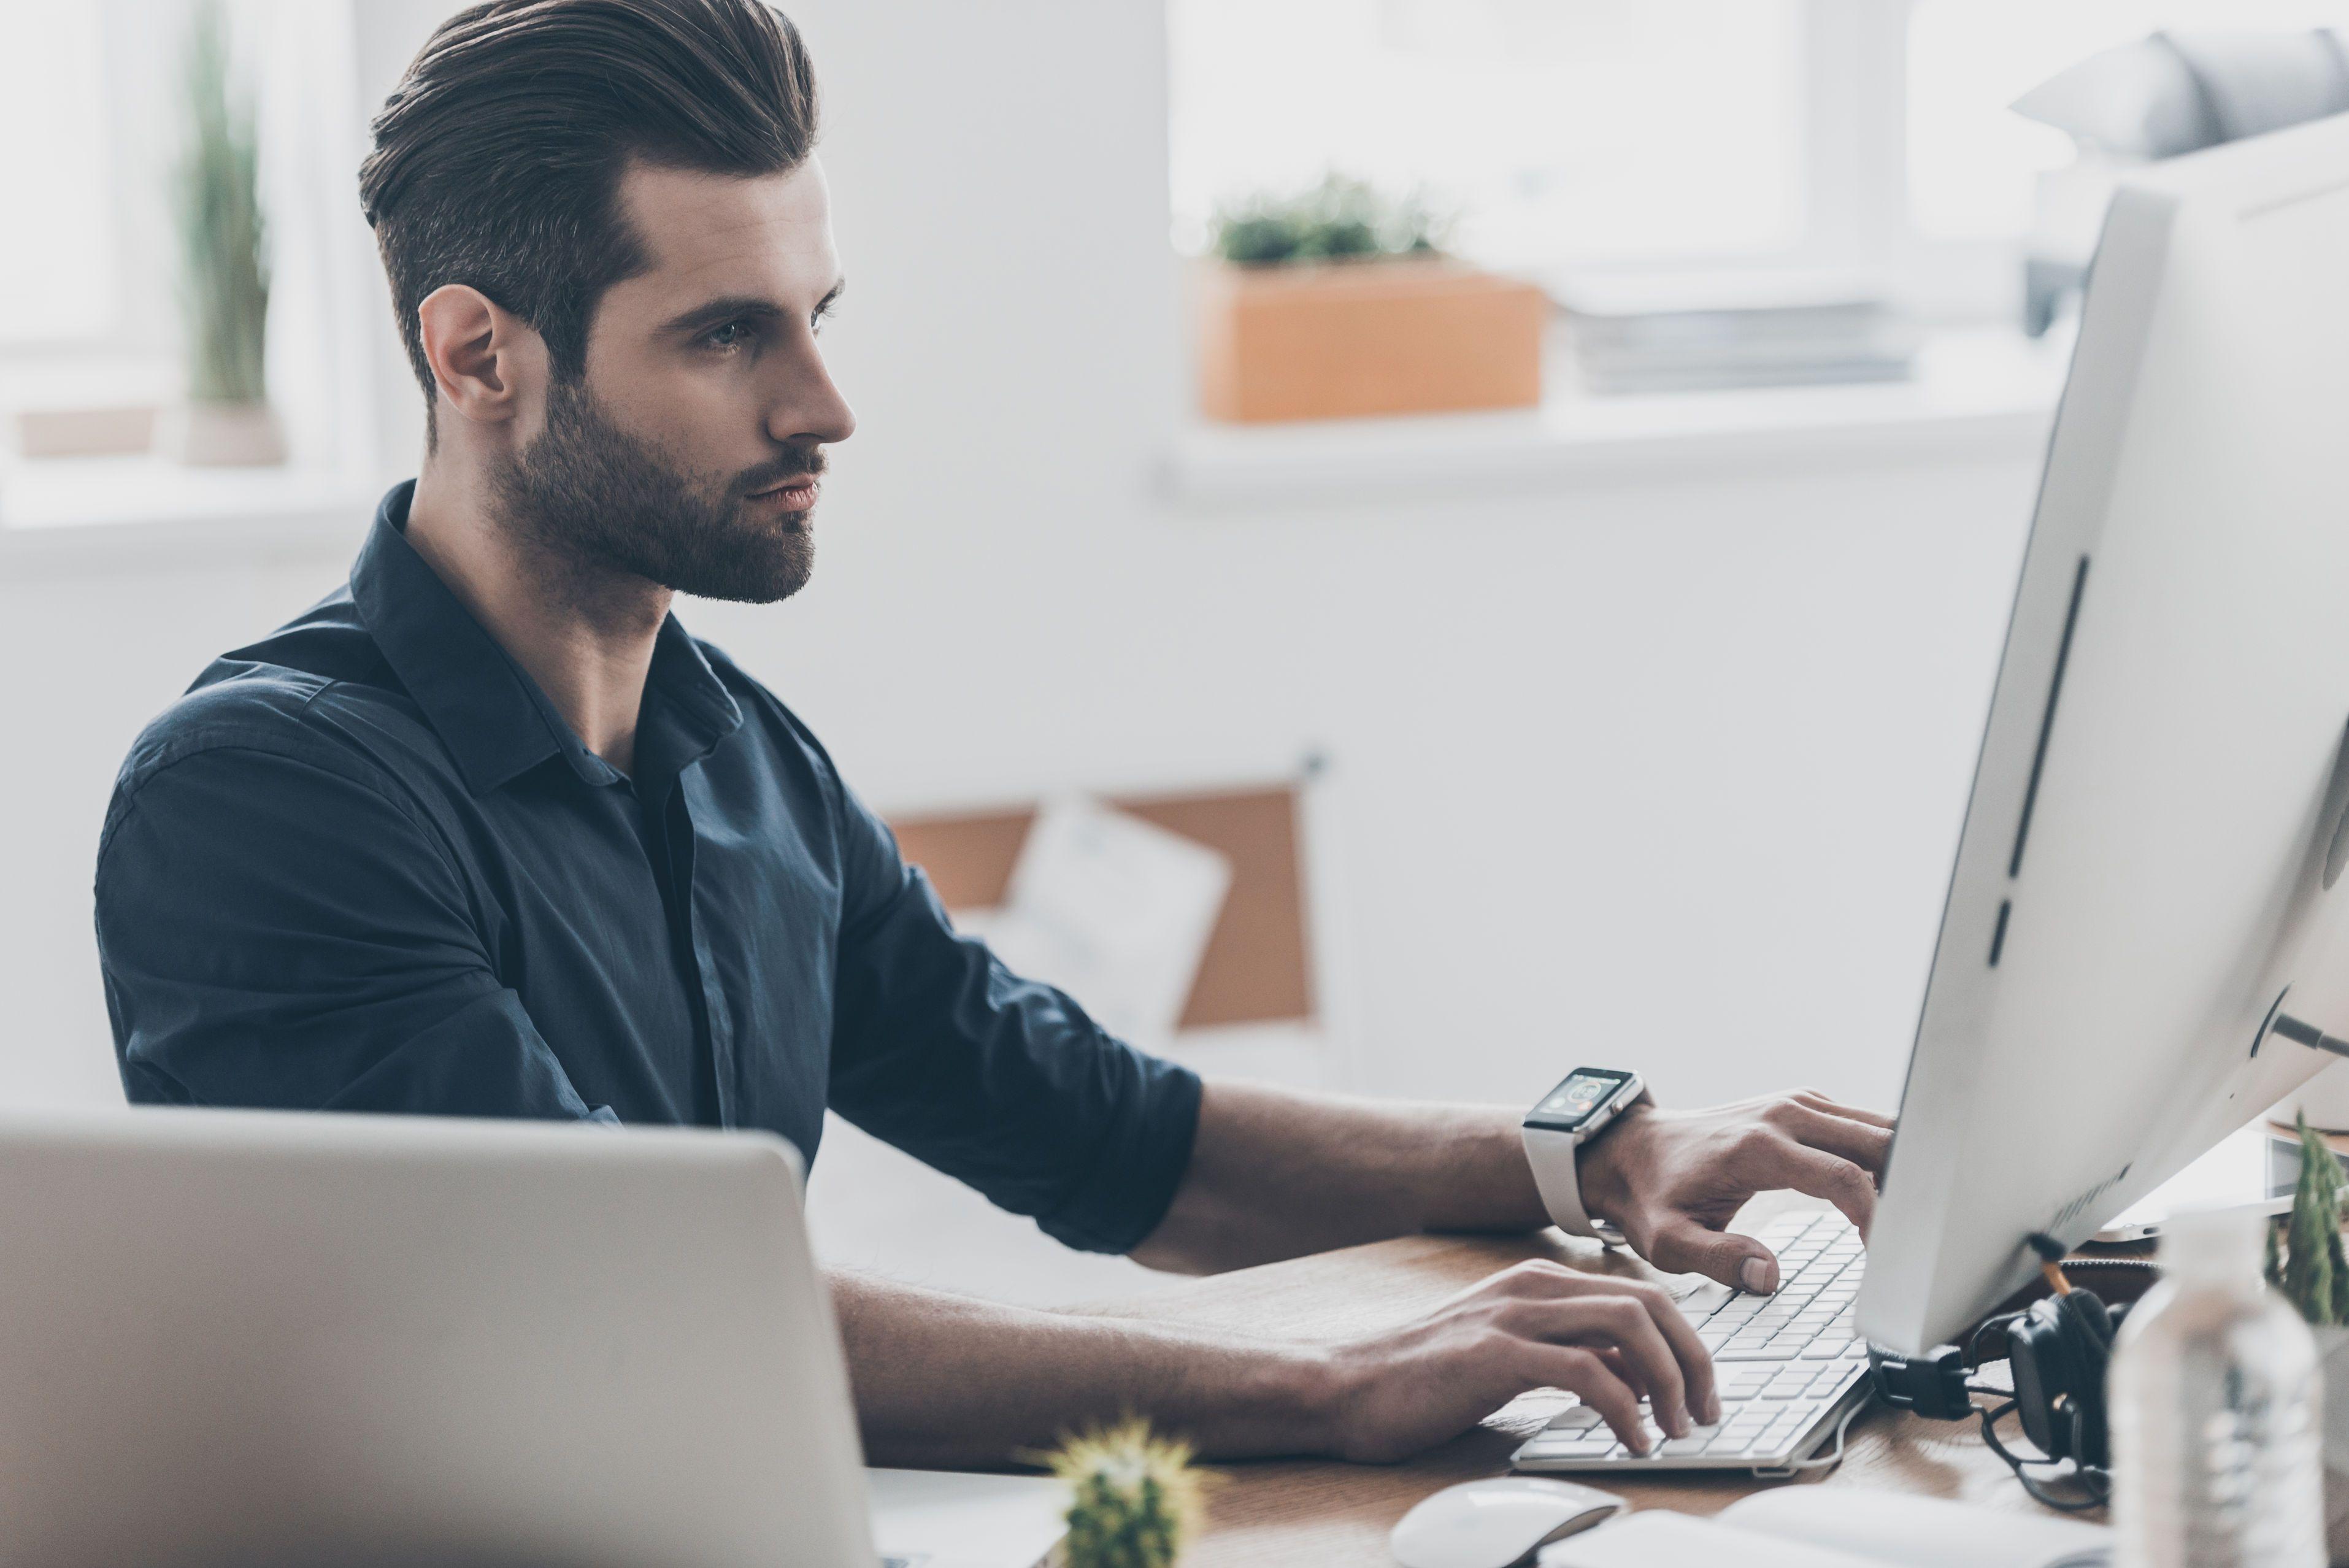 Bărbat care lucrează la un computer